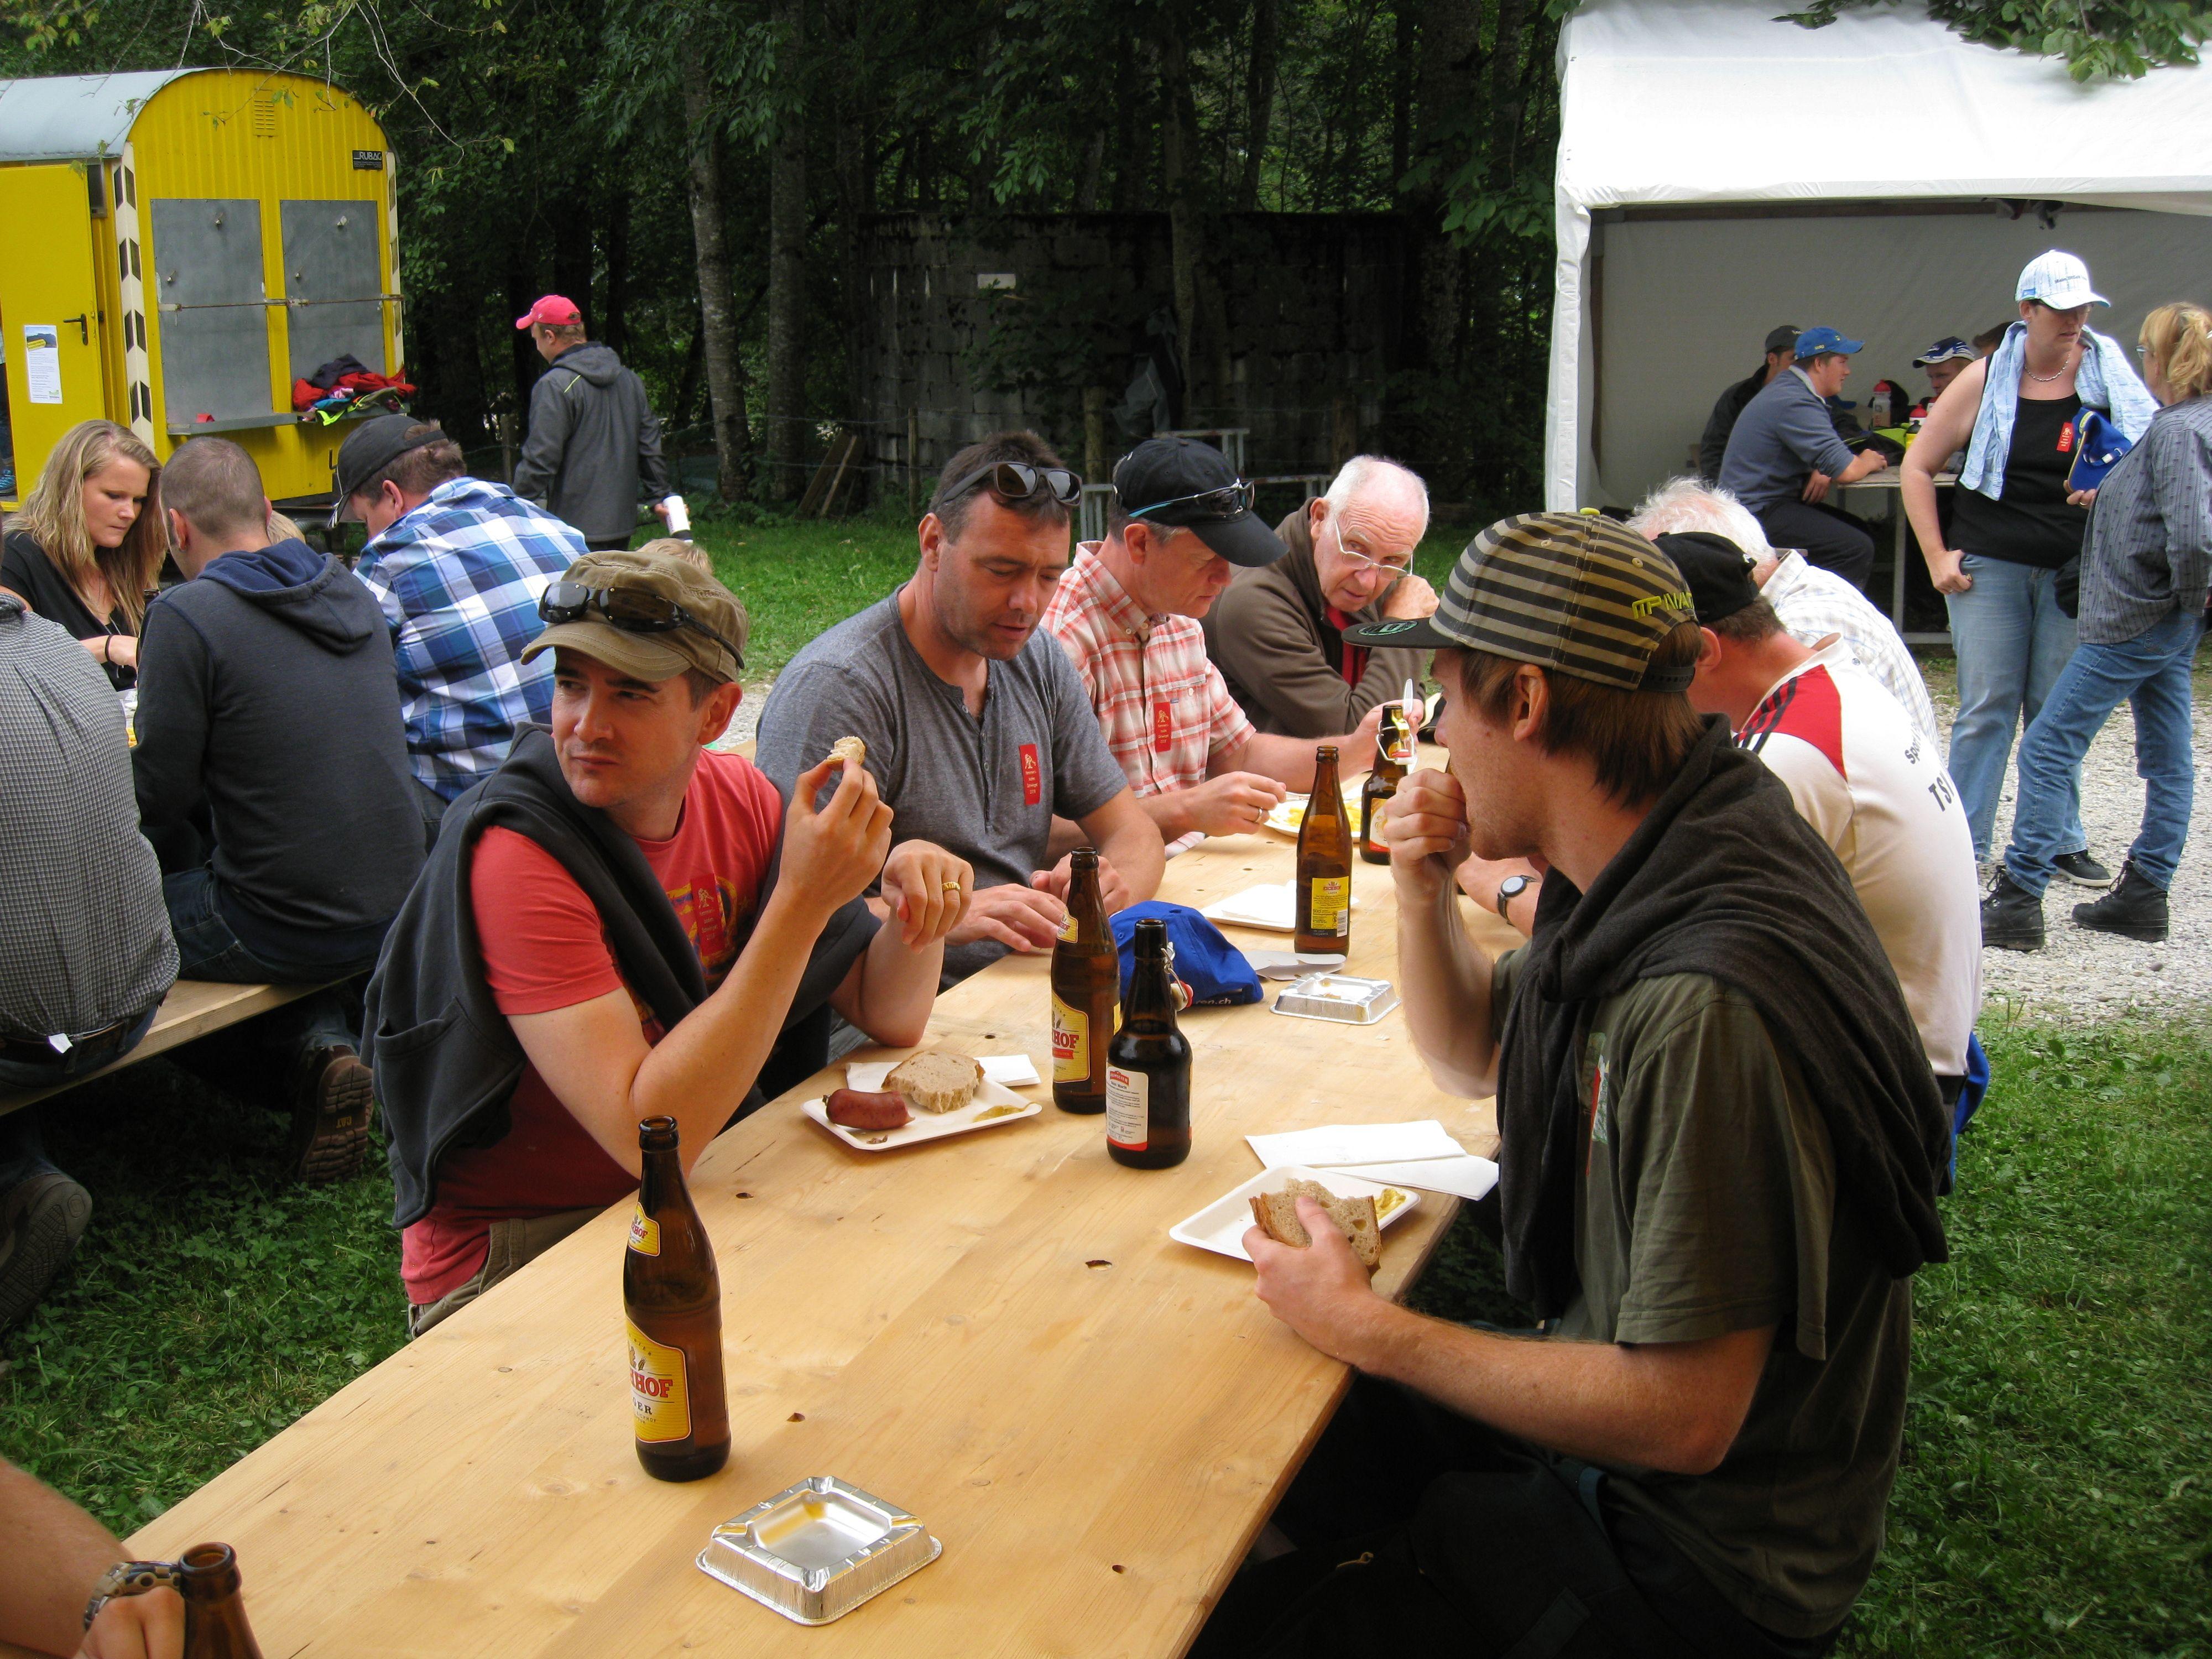 2016-09-04-Entlebuch-190-IMG_5177